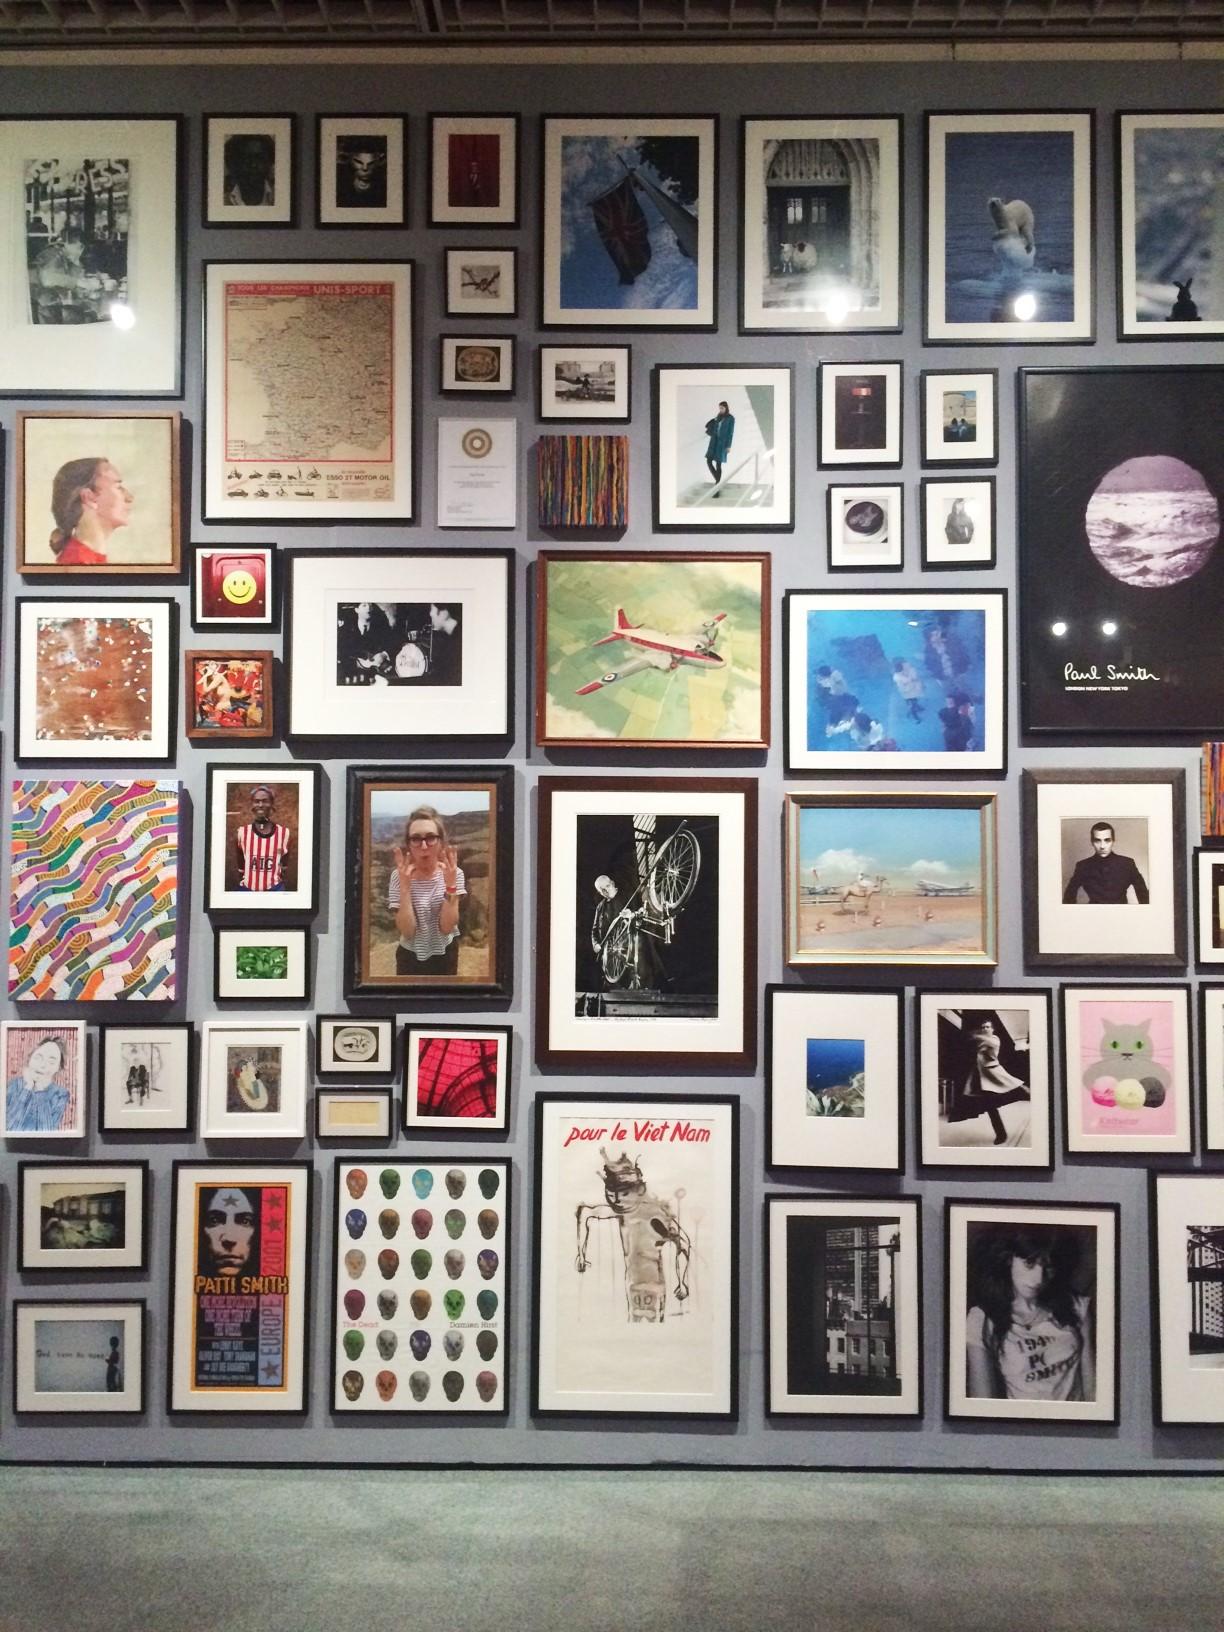 カラフルな作品と展示に心躍る!「ポール・スミス展」 in 名古屋体験レポート - IMG 7926 1